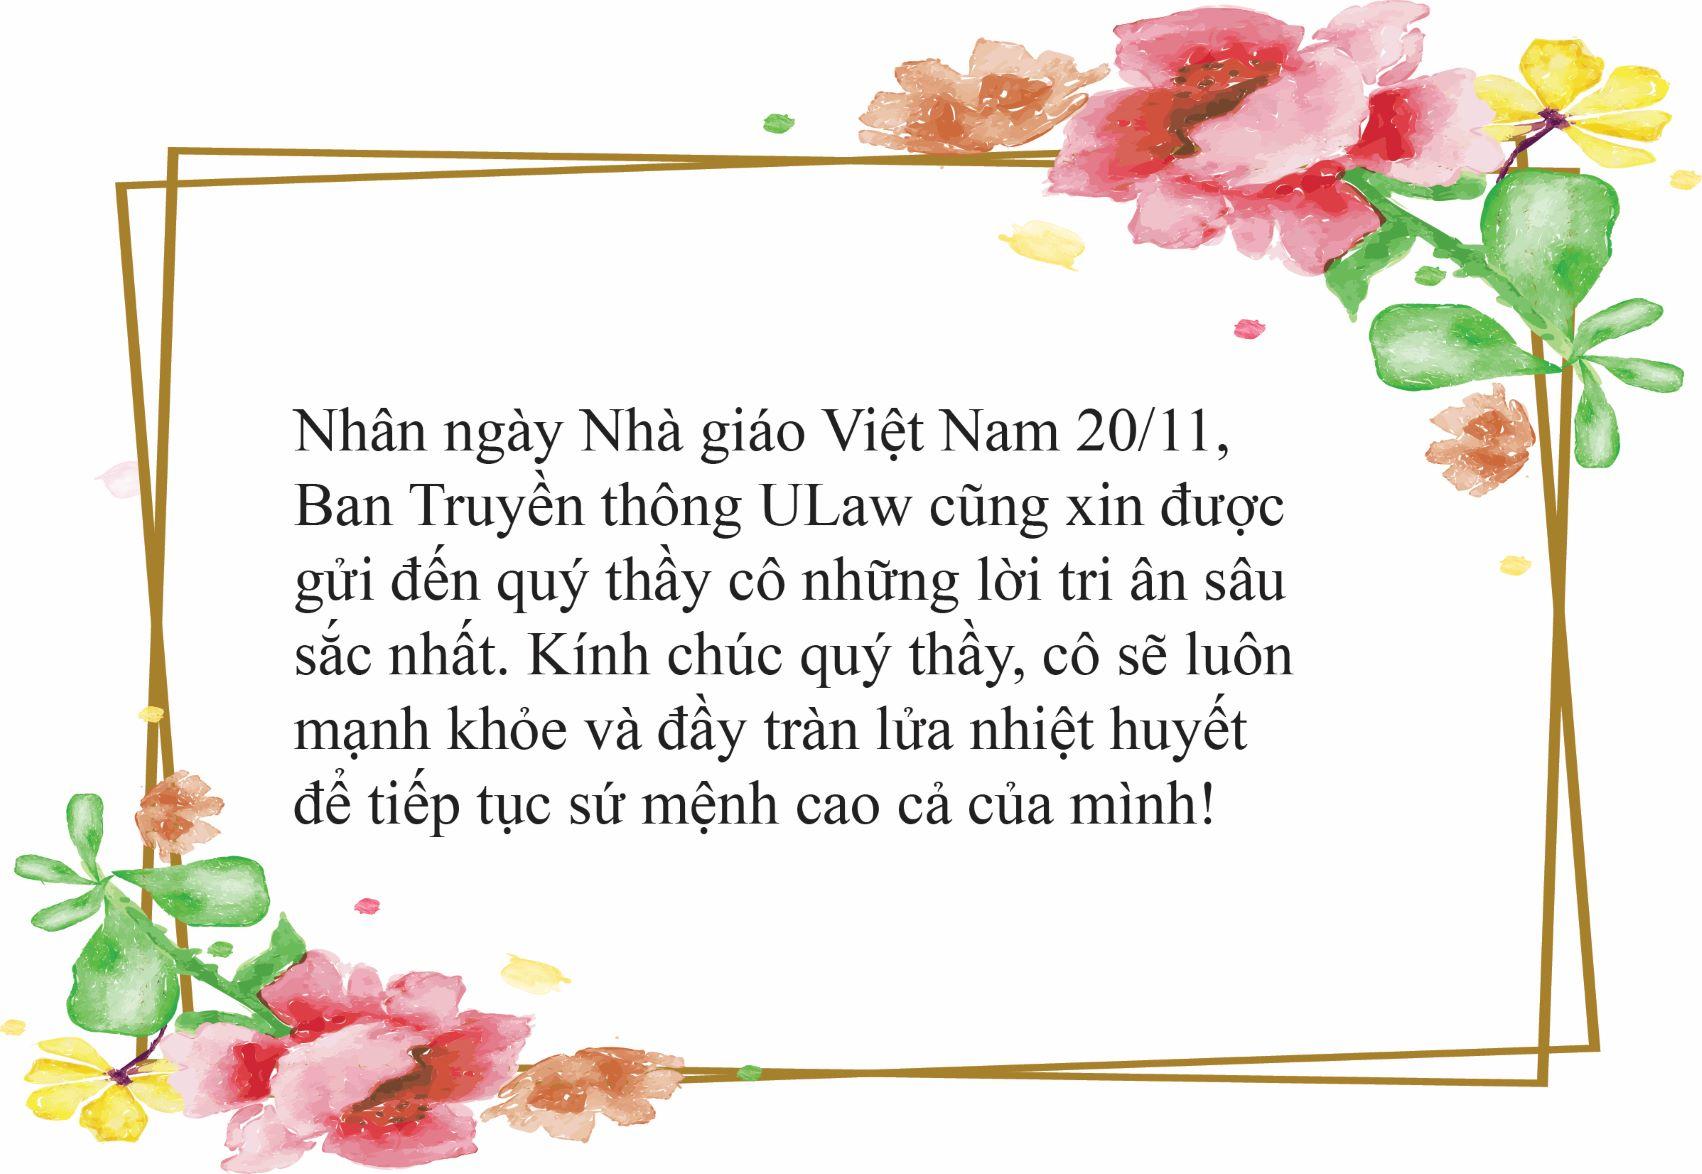 Hình ảnh chúc mừng ngày nhà giáo Việt Nam ý nghĩa